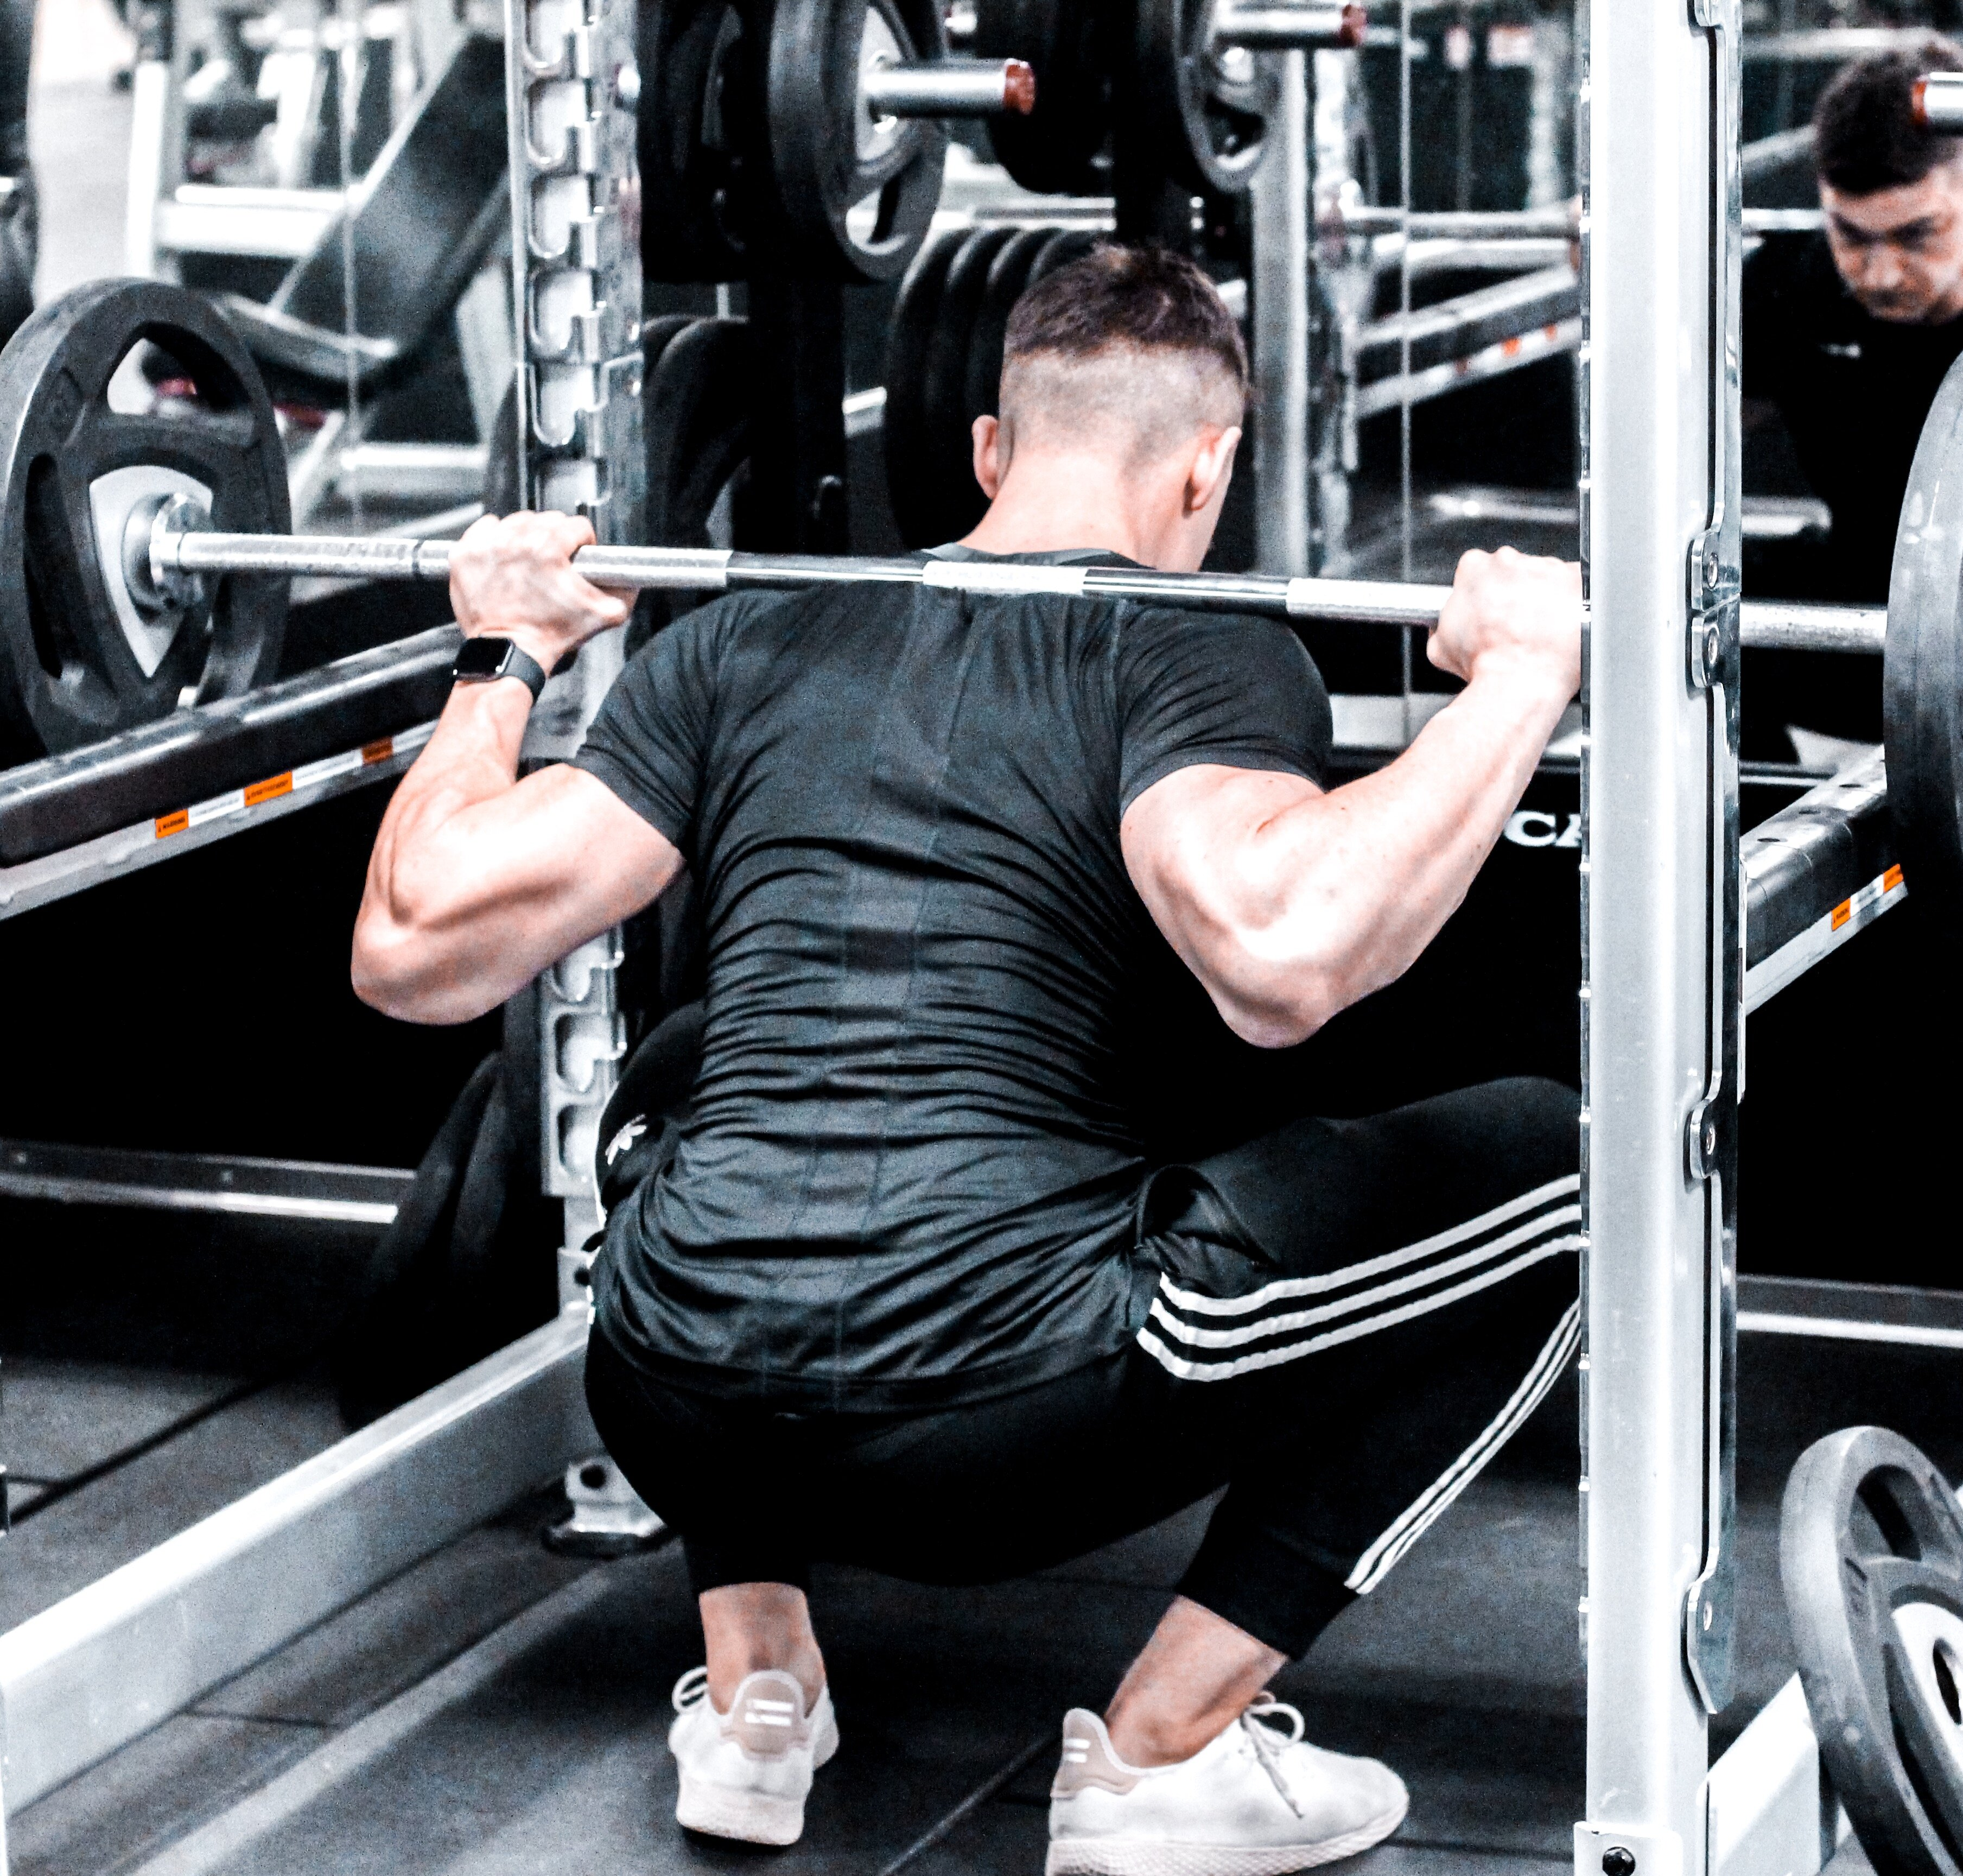 Poprawna technika w przypadku treningu siłowego to podstawa, szczególnie w przypadku ćwiczeń złożonych